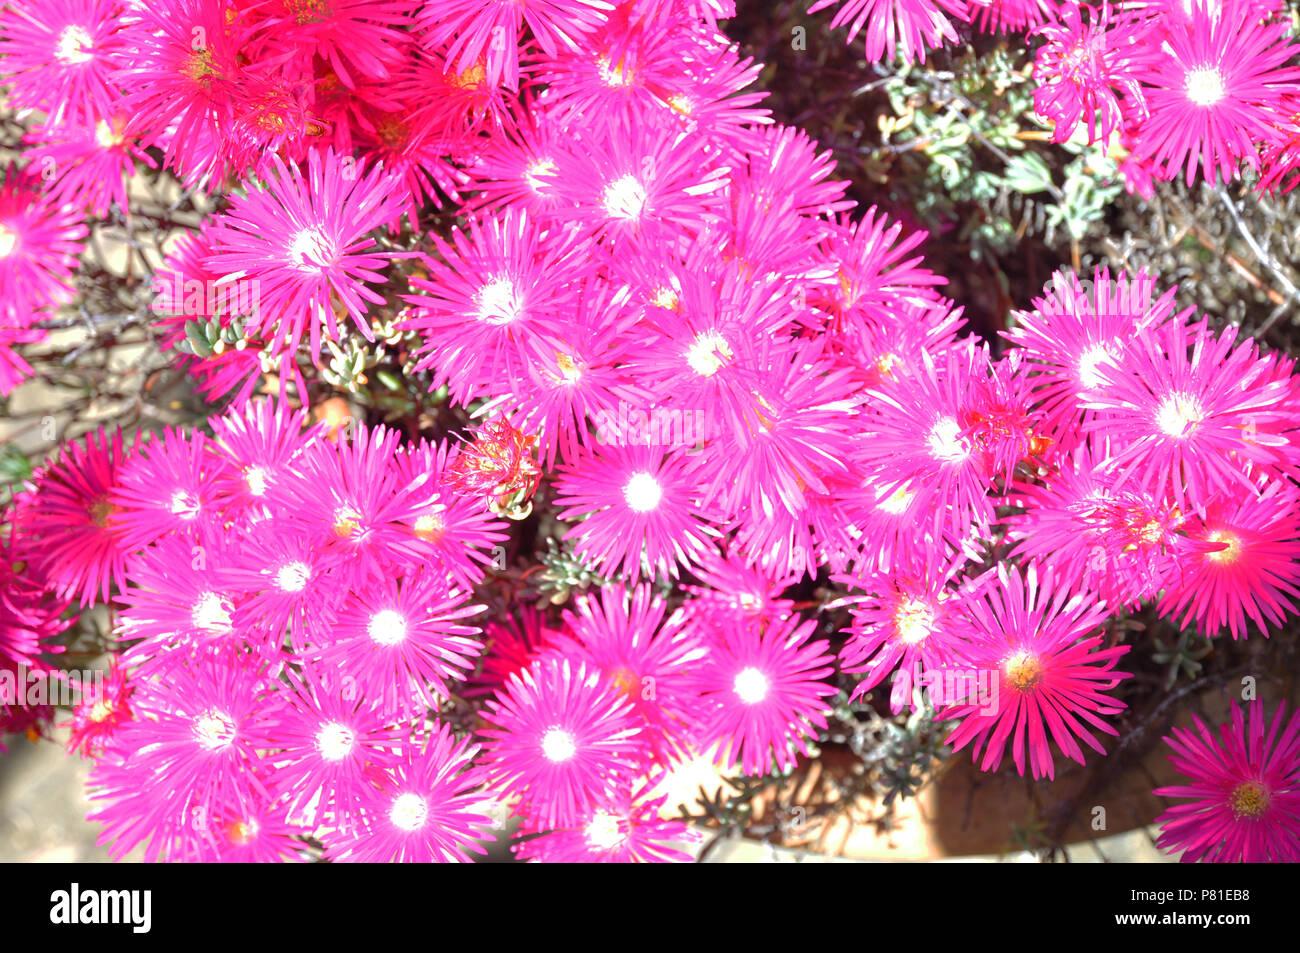 Shocking Pink Flowers Stock Photos Shocking Pink Flowers Stock